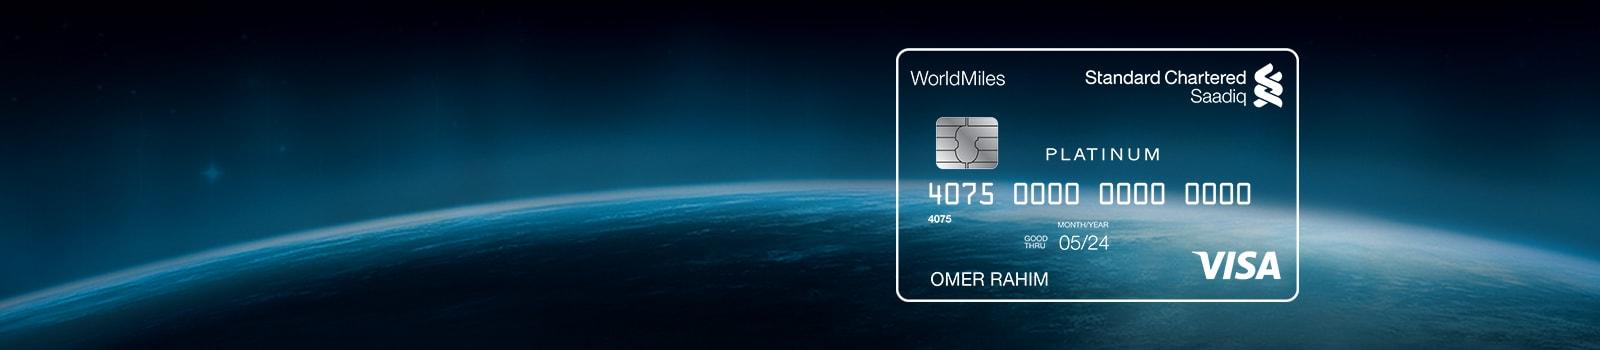 Saadiq Worldmile Credit Card